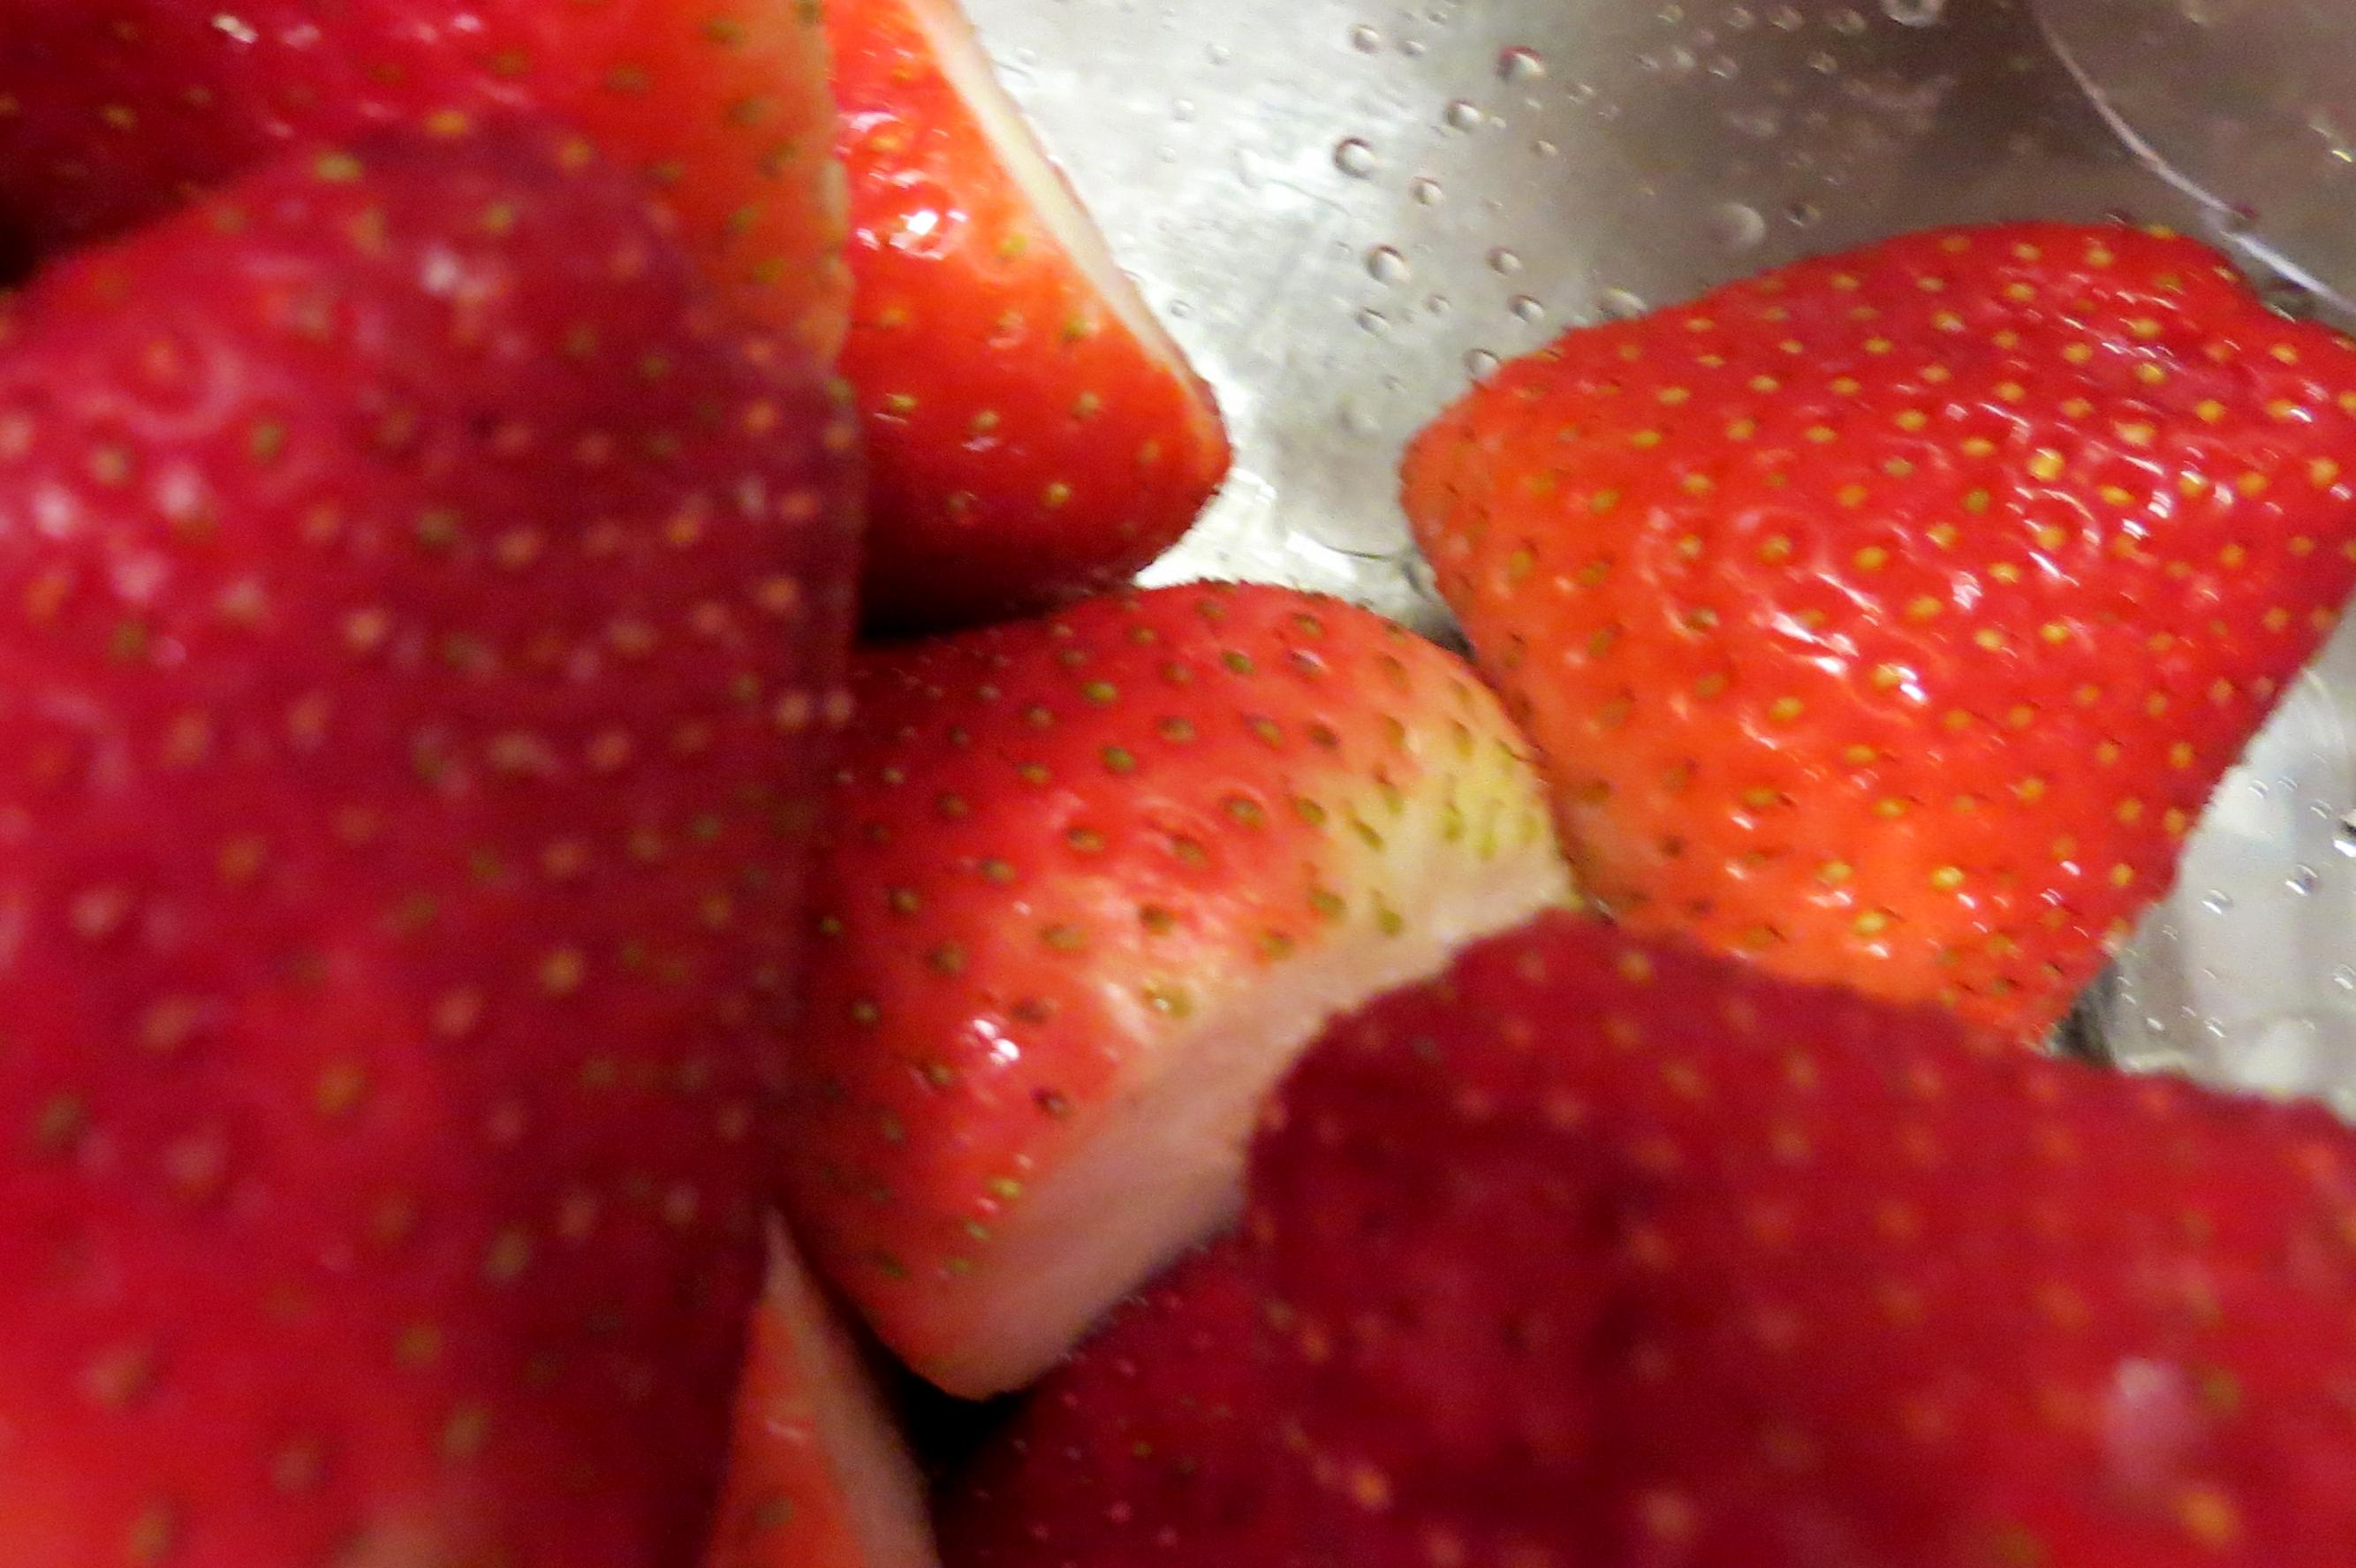 Breakfast Sausage Patty Clipart Breakfast Skewers Strawberries